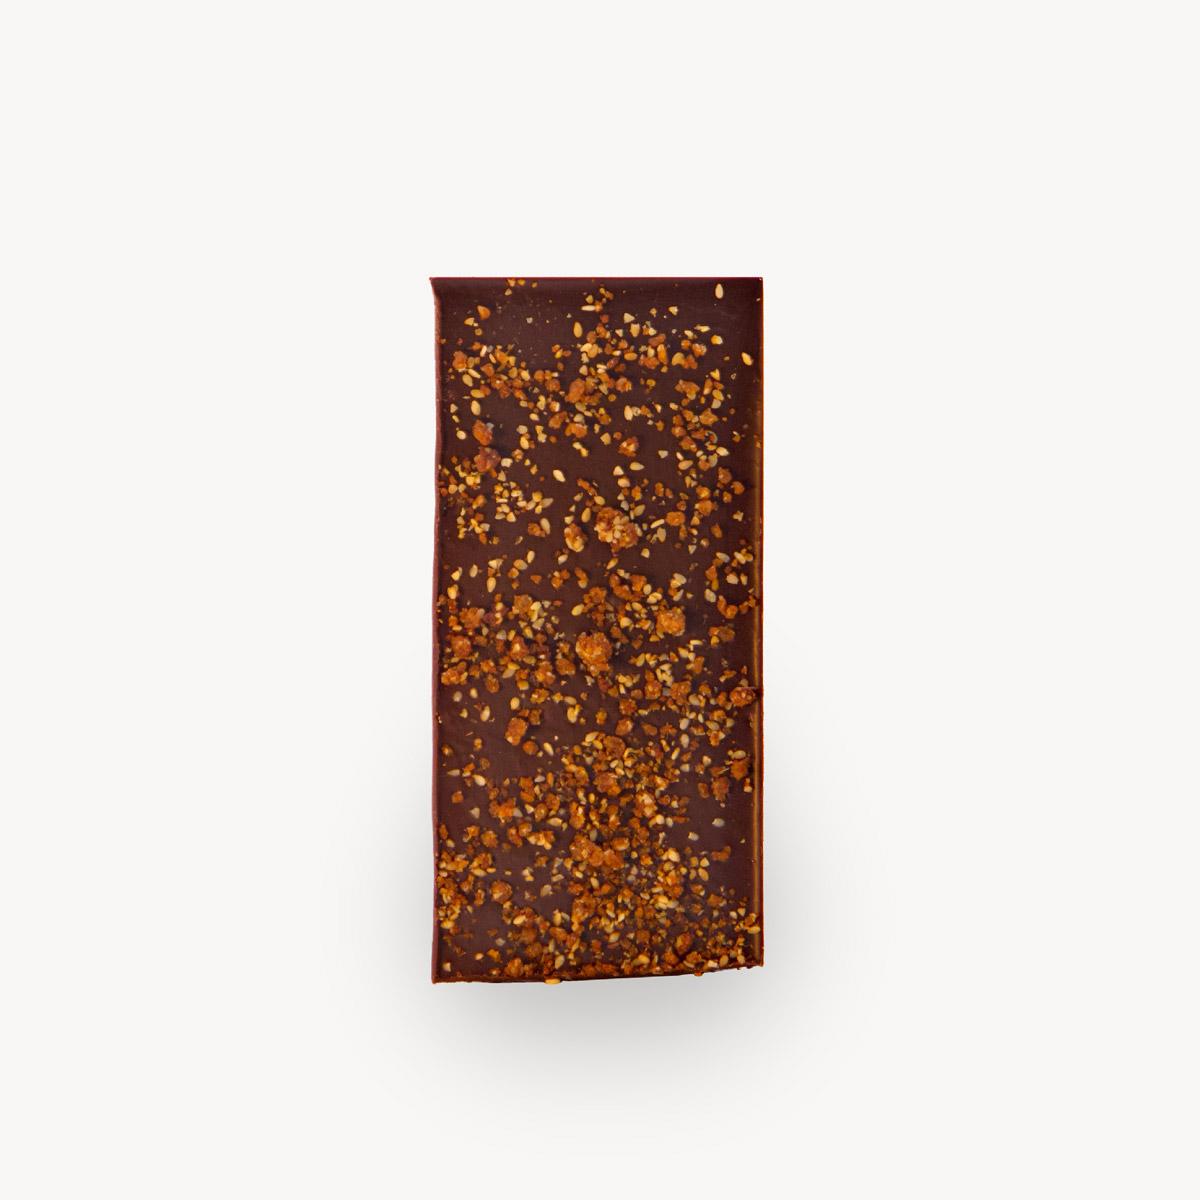 Σοκολάτα Negro, φωτογραφία προϊόντος χωρίς το περιτύλιγμα.